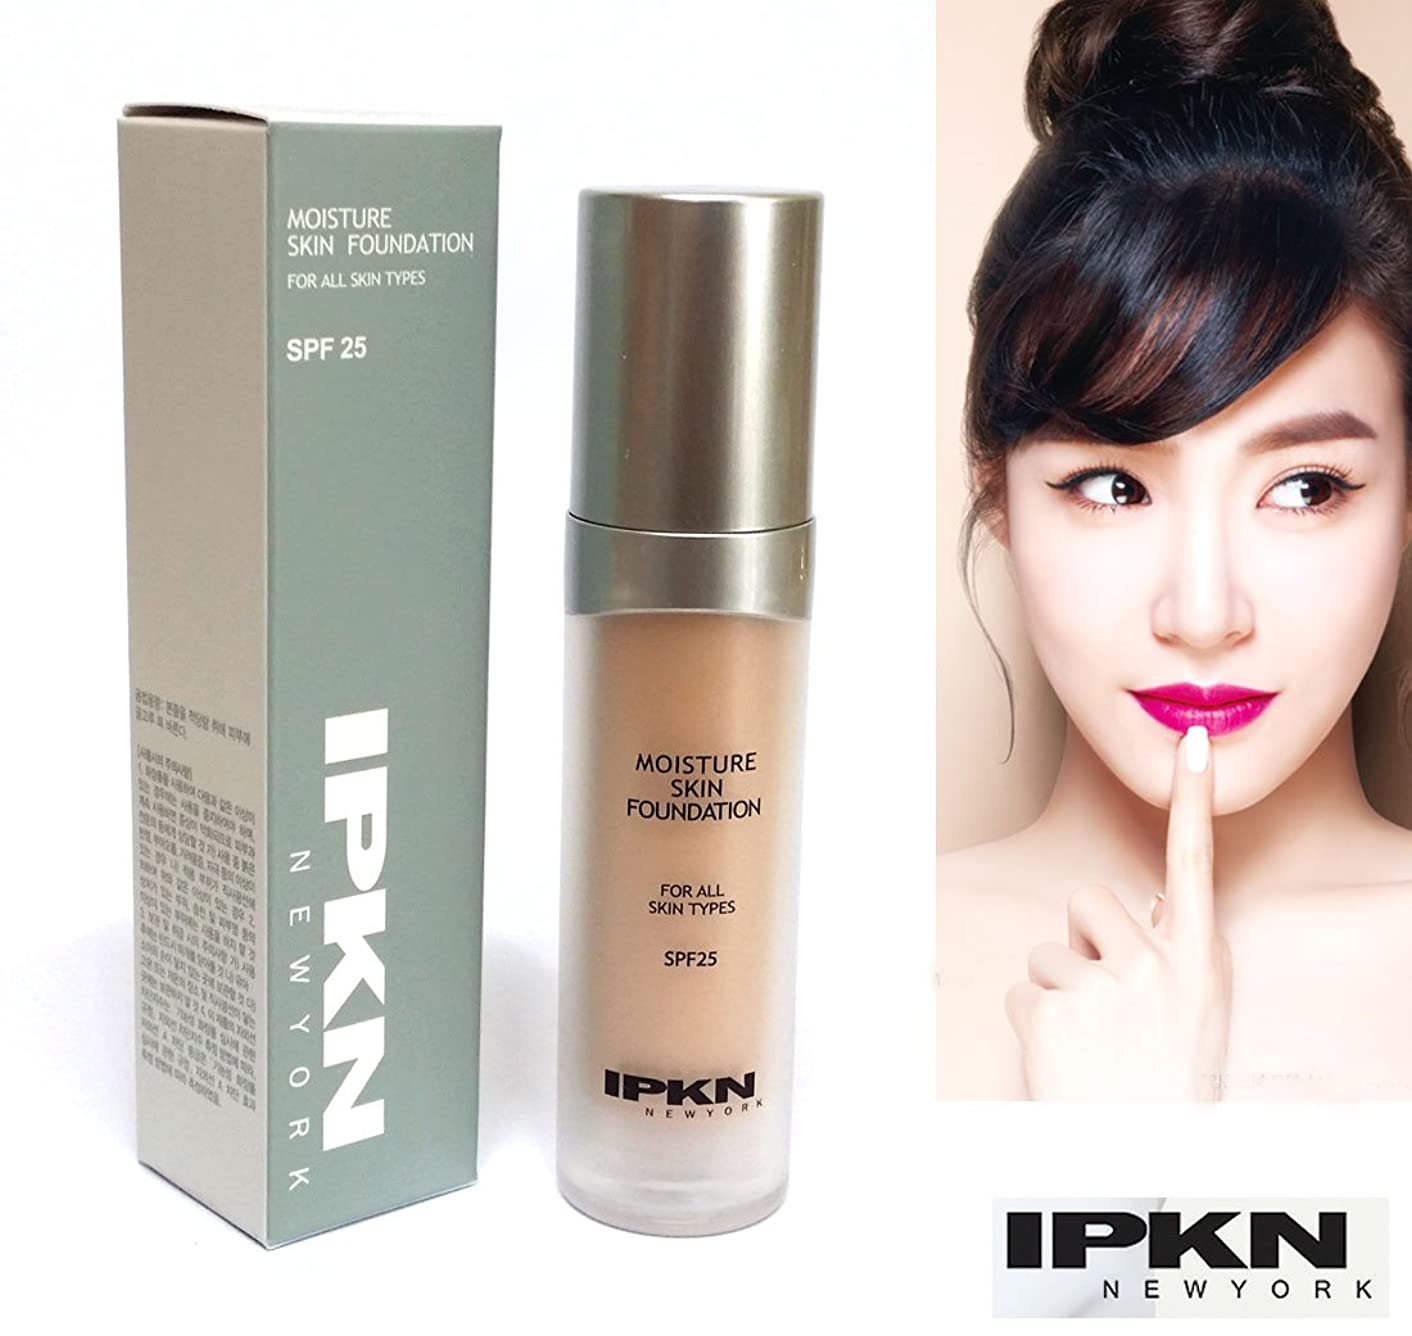 コーヒー協力帽子[IPKN] モイスチャースキンファンデーション35ml (第13号 - ライトベージュ) / Moisture Skin Foundation 35ml (No.13 - light beige) / しっとり&つやのある肌 / moist & radiant skin / 韓国化粧品 / Korean Cosmetics [並行輸入品]